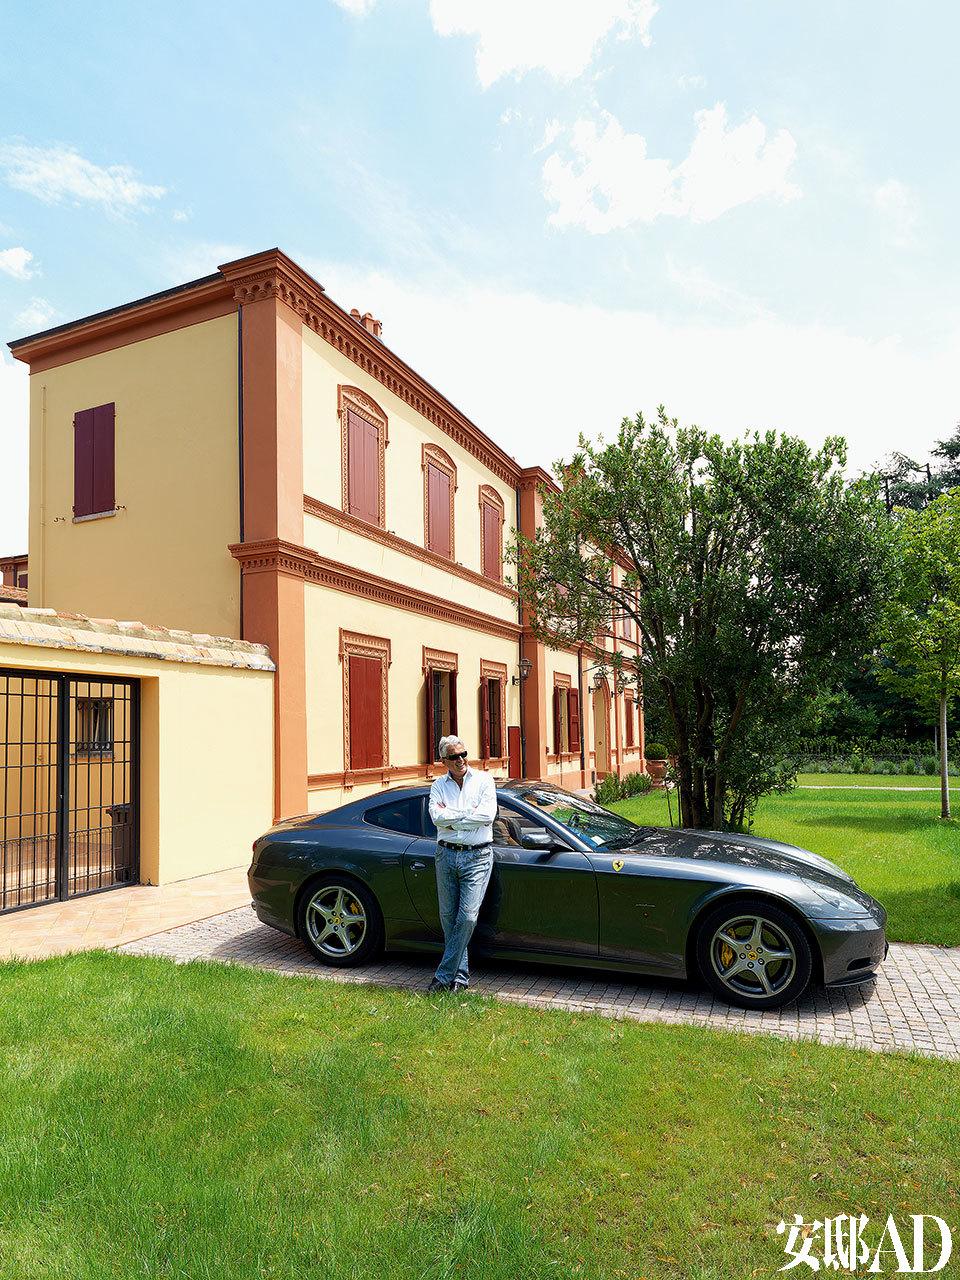 主人: 1959年,IPE Cavalli诞生于离Bologna不远的Zola Predosa,创建者是Cavalli家族的一对兄弟Pompeo和Vittorio。敏锐察觉快消市场的变动后,他们开创性地将聚亚安酯材料使用在了沙发、床和摩托车座椅上,结果大获成功。在上世纪70年代,家族的第二代继承者Luigi Cavalli不断推出新品,让品牌走向国际化。如今,品牌的第三代继承者、Luigi的儿子Leopold(董事总经理)和女儿Eleonore与父亲一同推出了华美、梦幻的高端家具品牌Visionnaire。主人LuigiCavalli在他的爱车法拉利跟前。